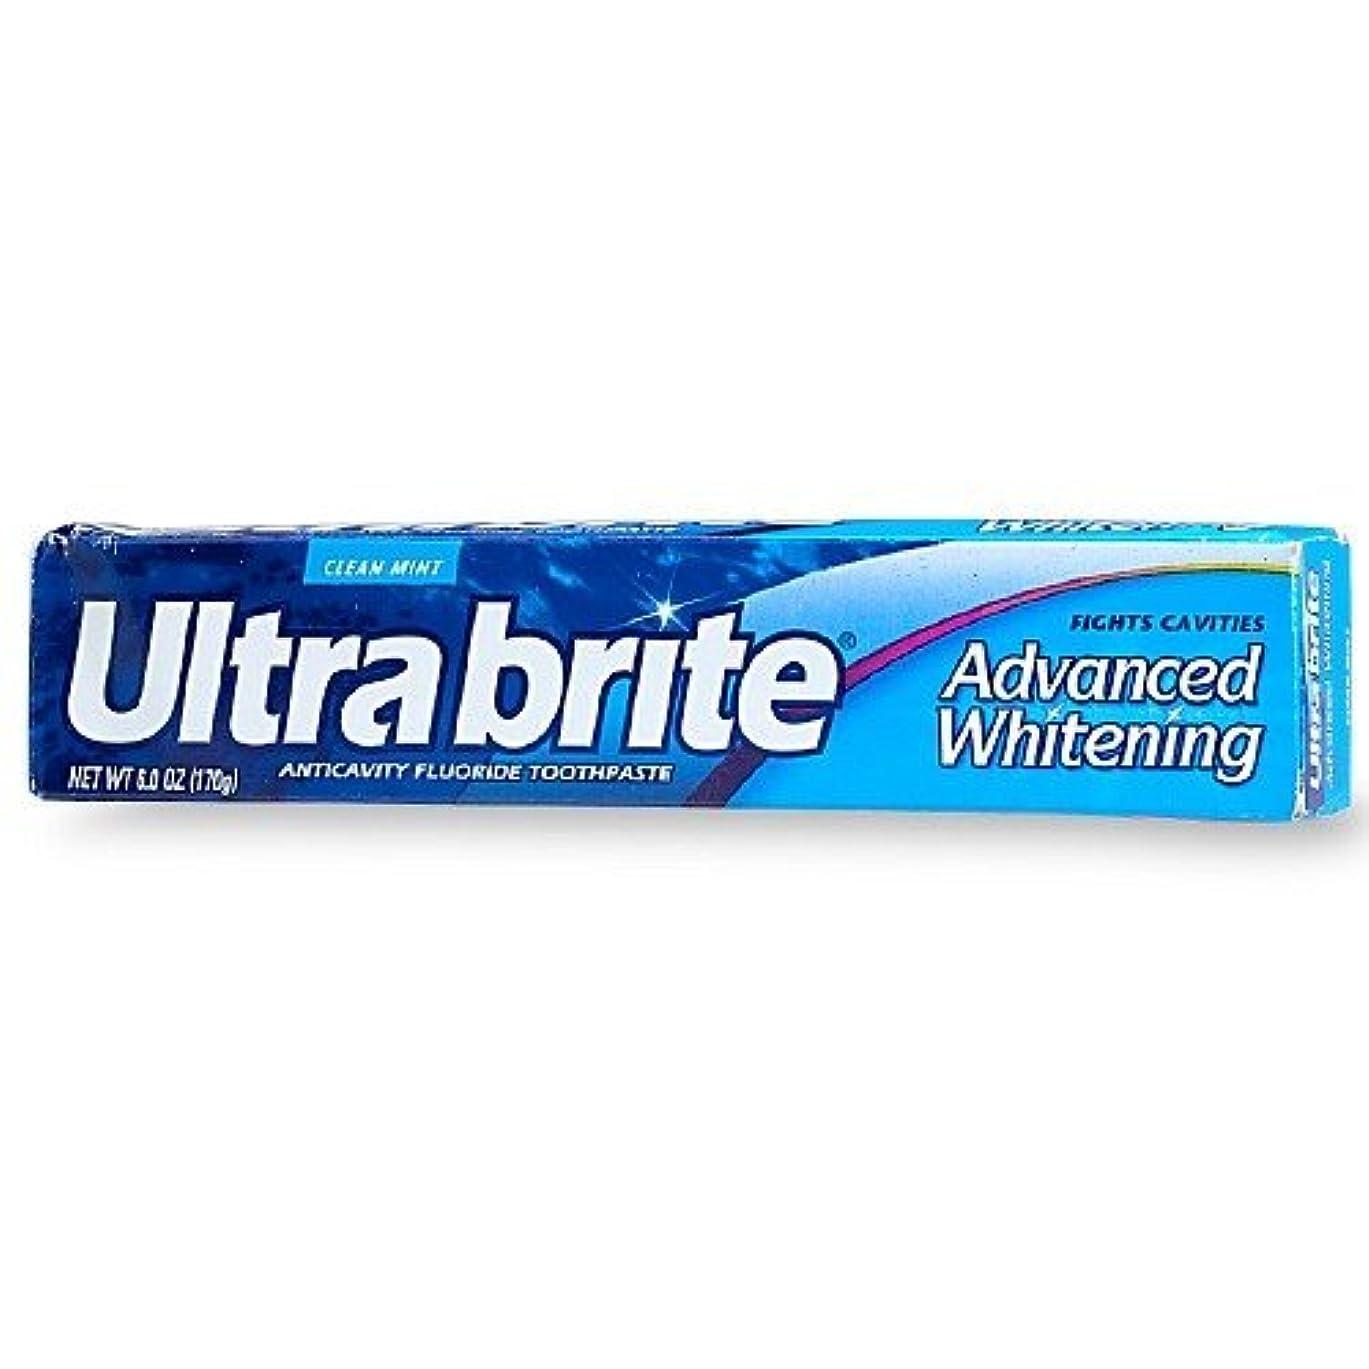 エキゾチック上回る頭海外直送品Colgate Colgate Ultra Brite Advanced Whitening Fluoride Toothpaste, 6 oz (Pack of 3)